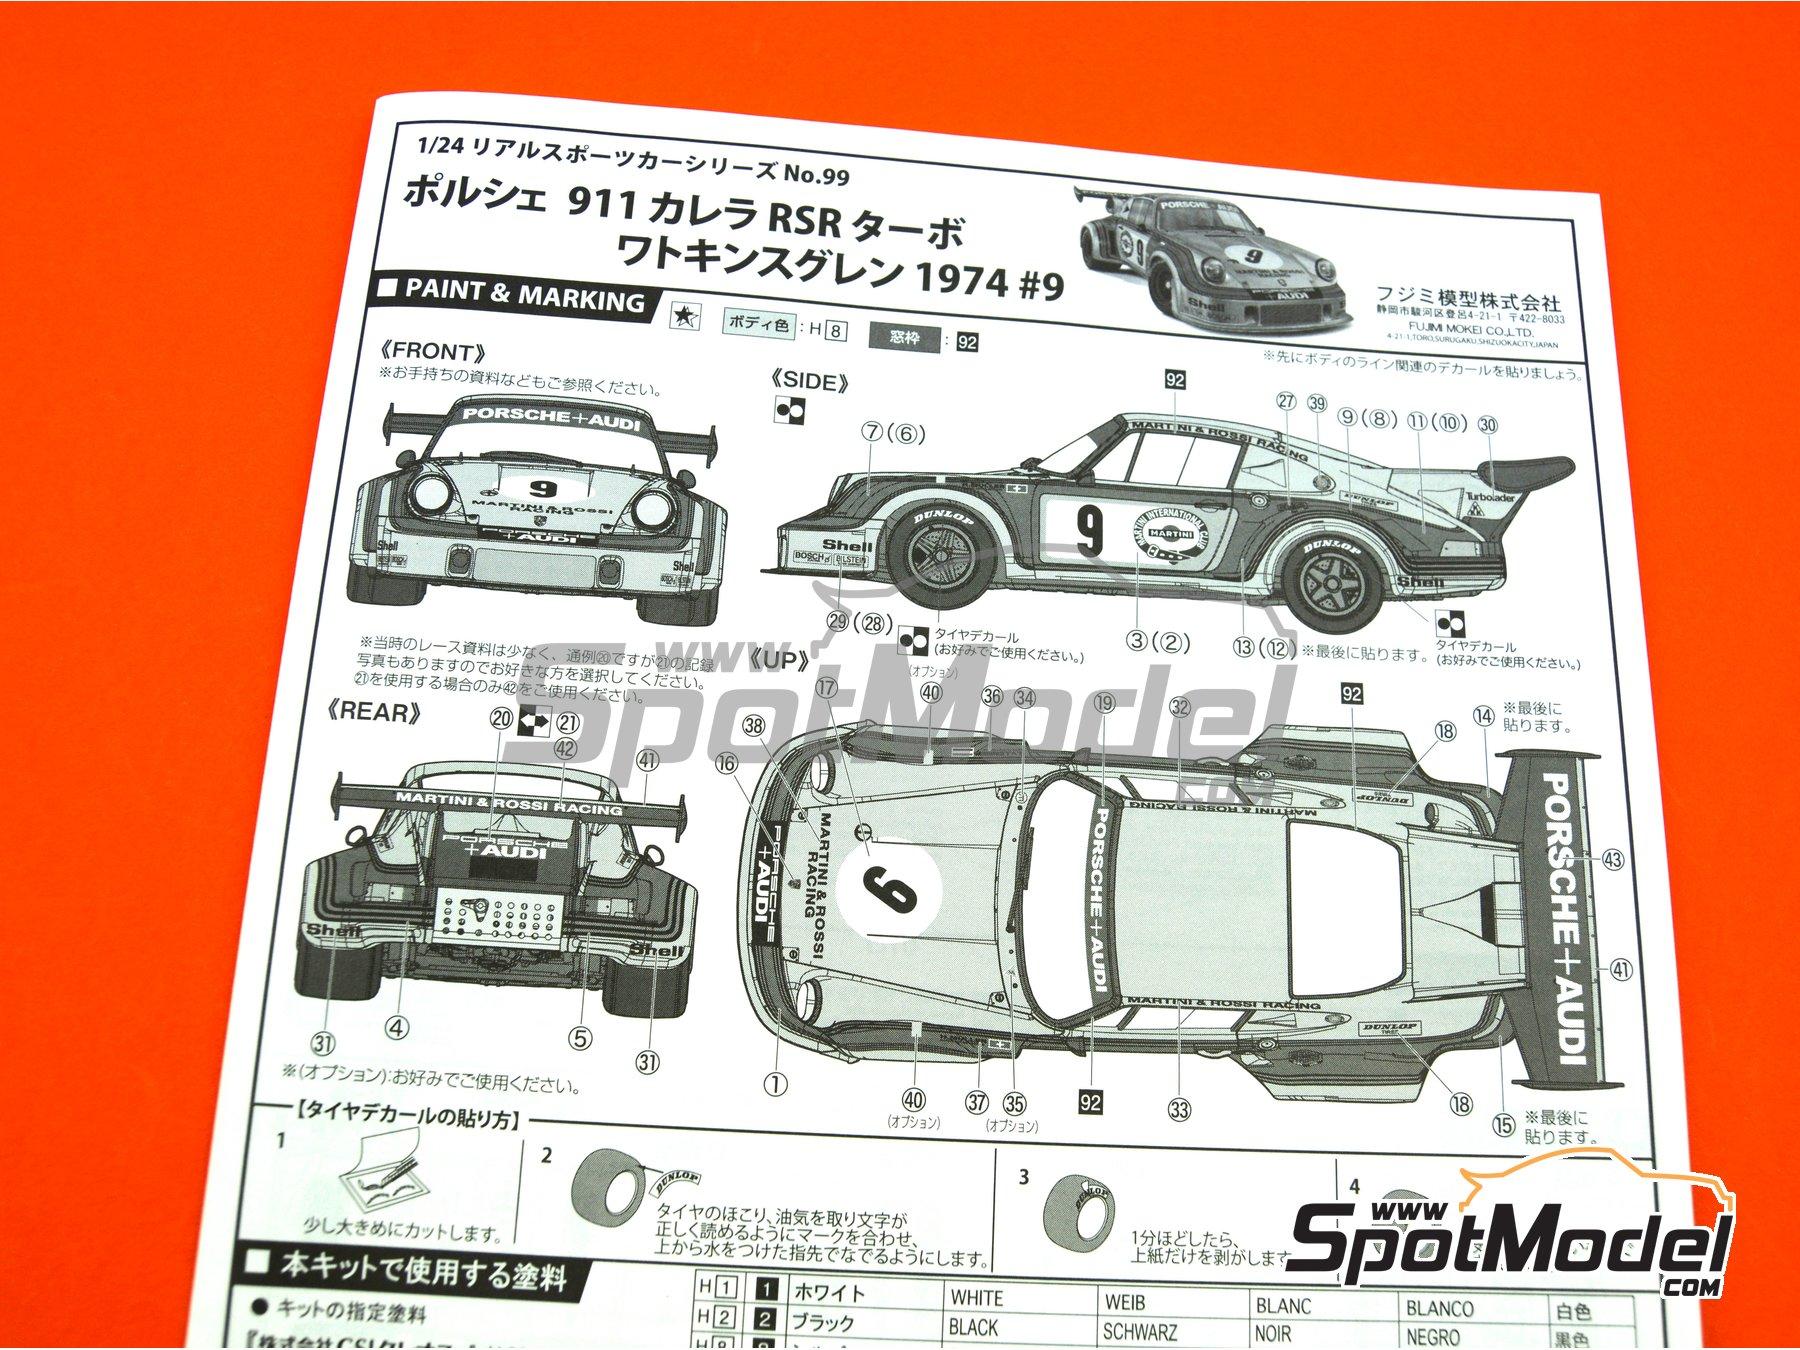 Image 14: Porsche 911 Carrera RSR Turbo Martini Rossi Porsche Audi - 6 horas de Watkins Glen 1974 | Maqueta de coche en escala1/24 fabricado por Fujimi (ref.FJ126494, tambien 126494 y RS-99)